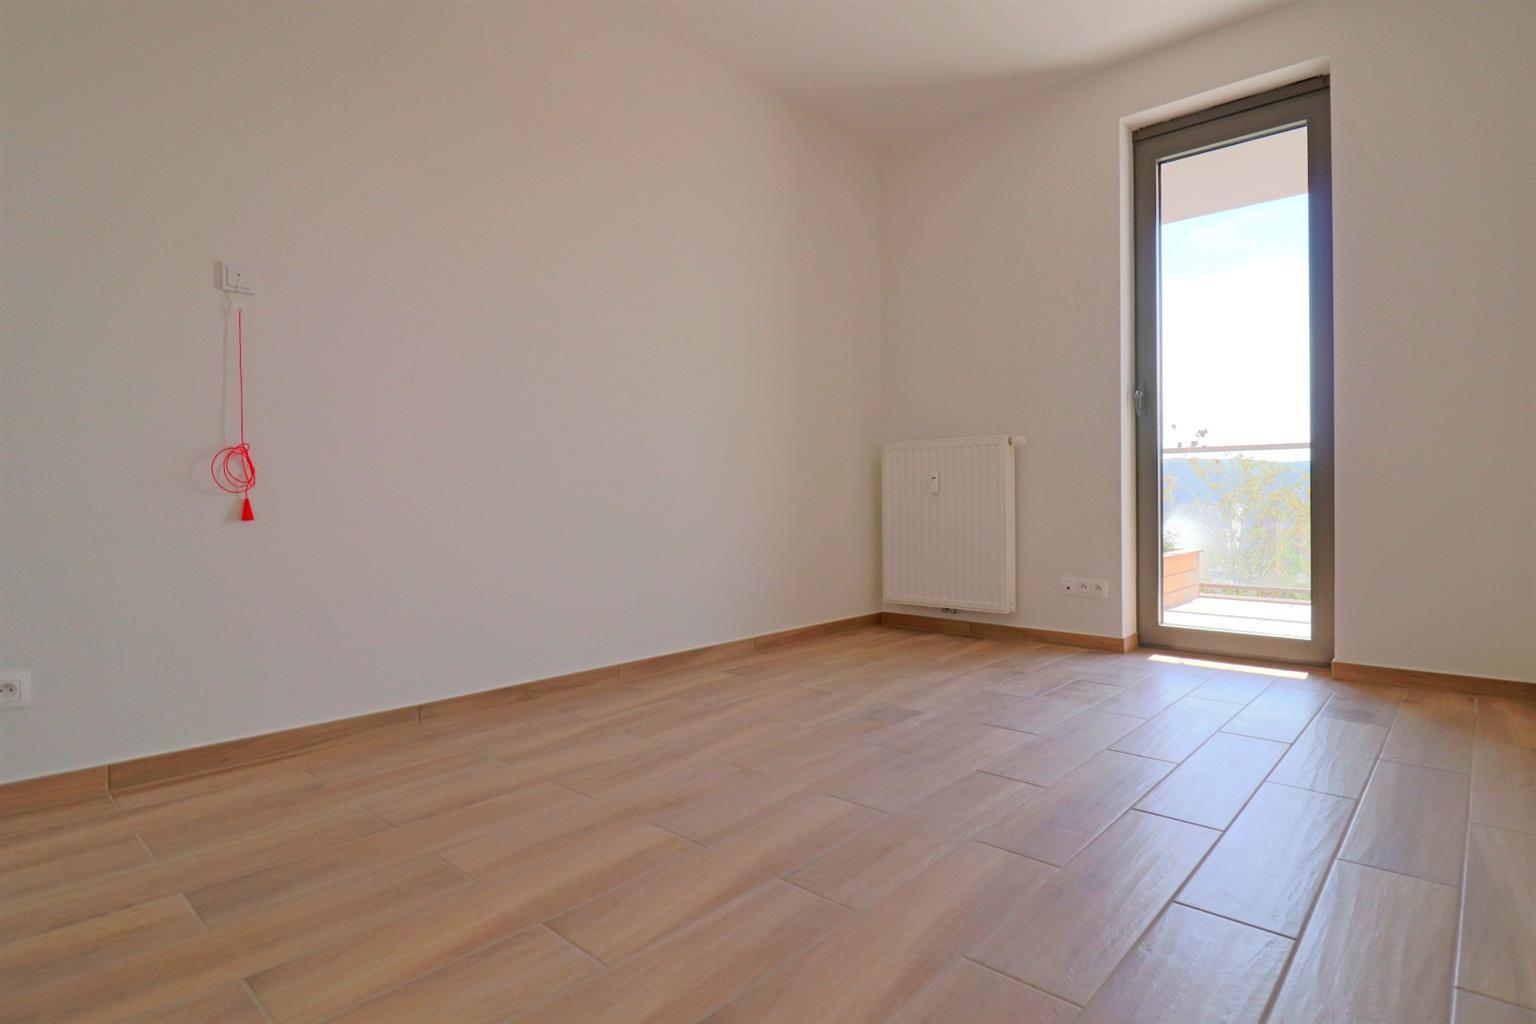 Appartement - Ottignies-Louvain-la-Neuve - #4406864-8